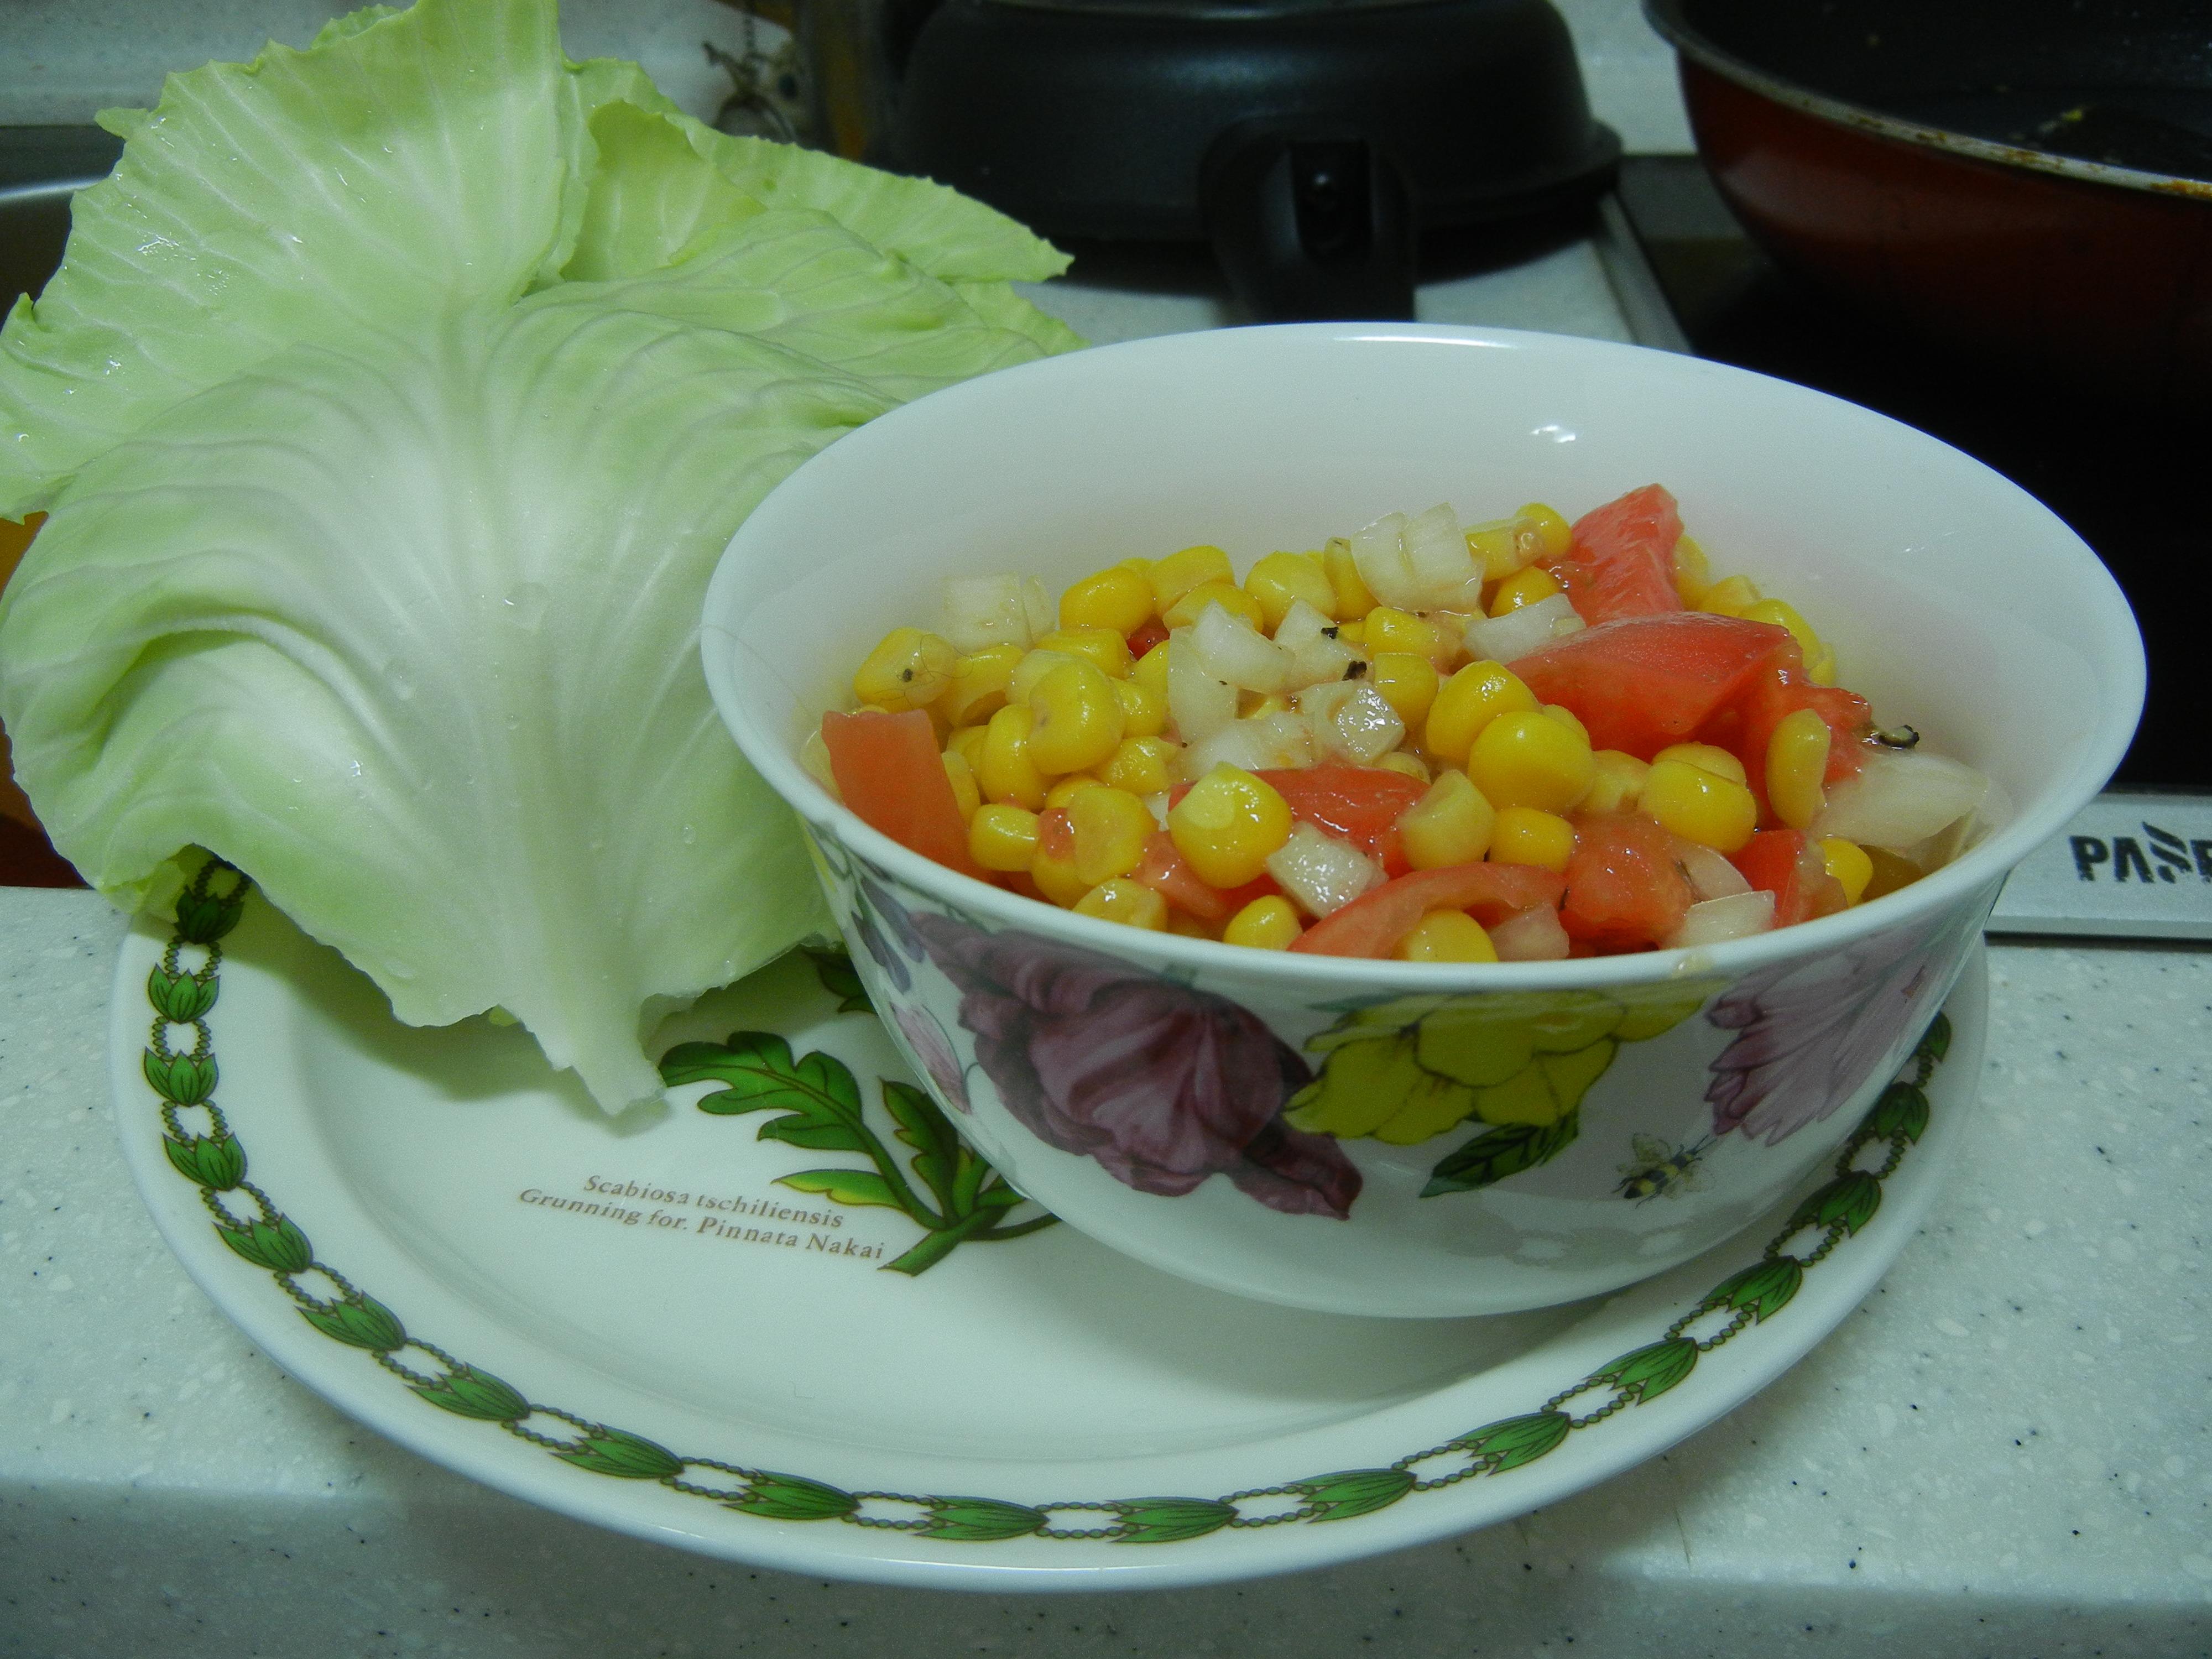 Roasted Corn and Lemon Salad | Oven-lovin'